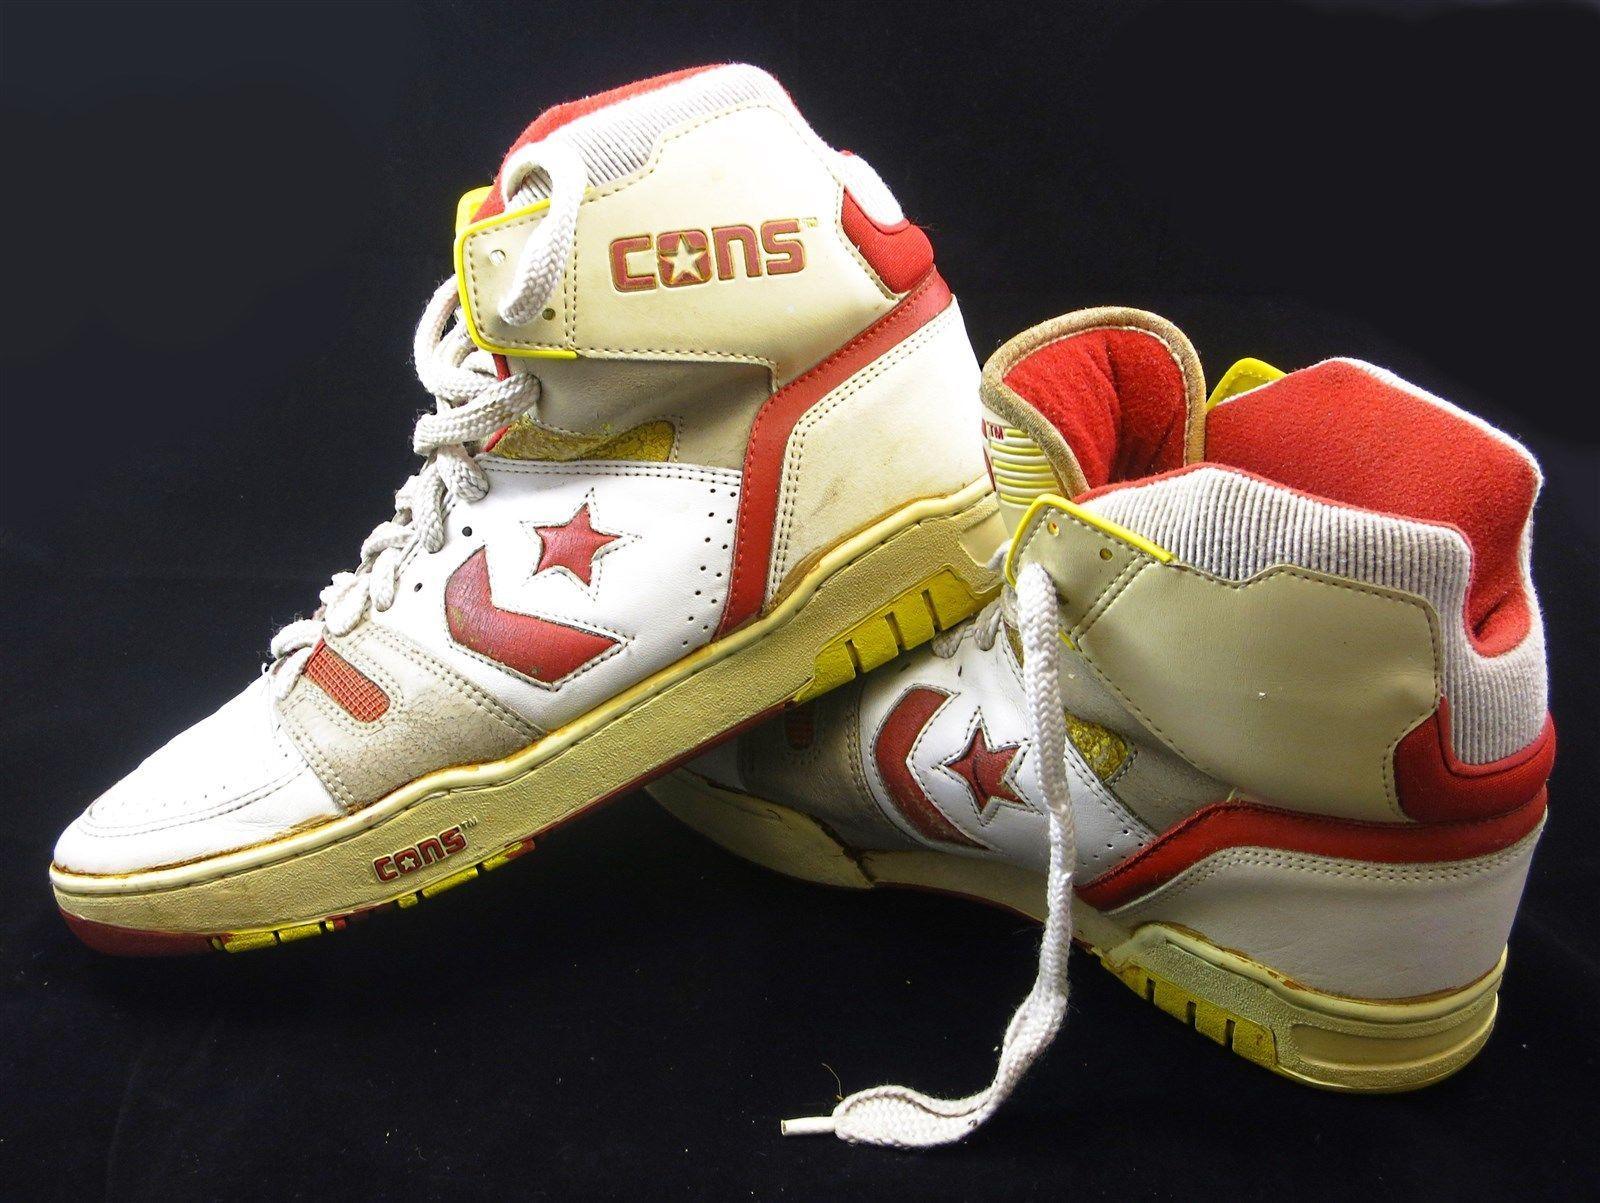 52eb5138e48 Vintage Converse ERX 200 Mens 13 13 5 US High Top NBA Basketball Shoes ERX  200